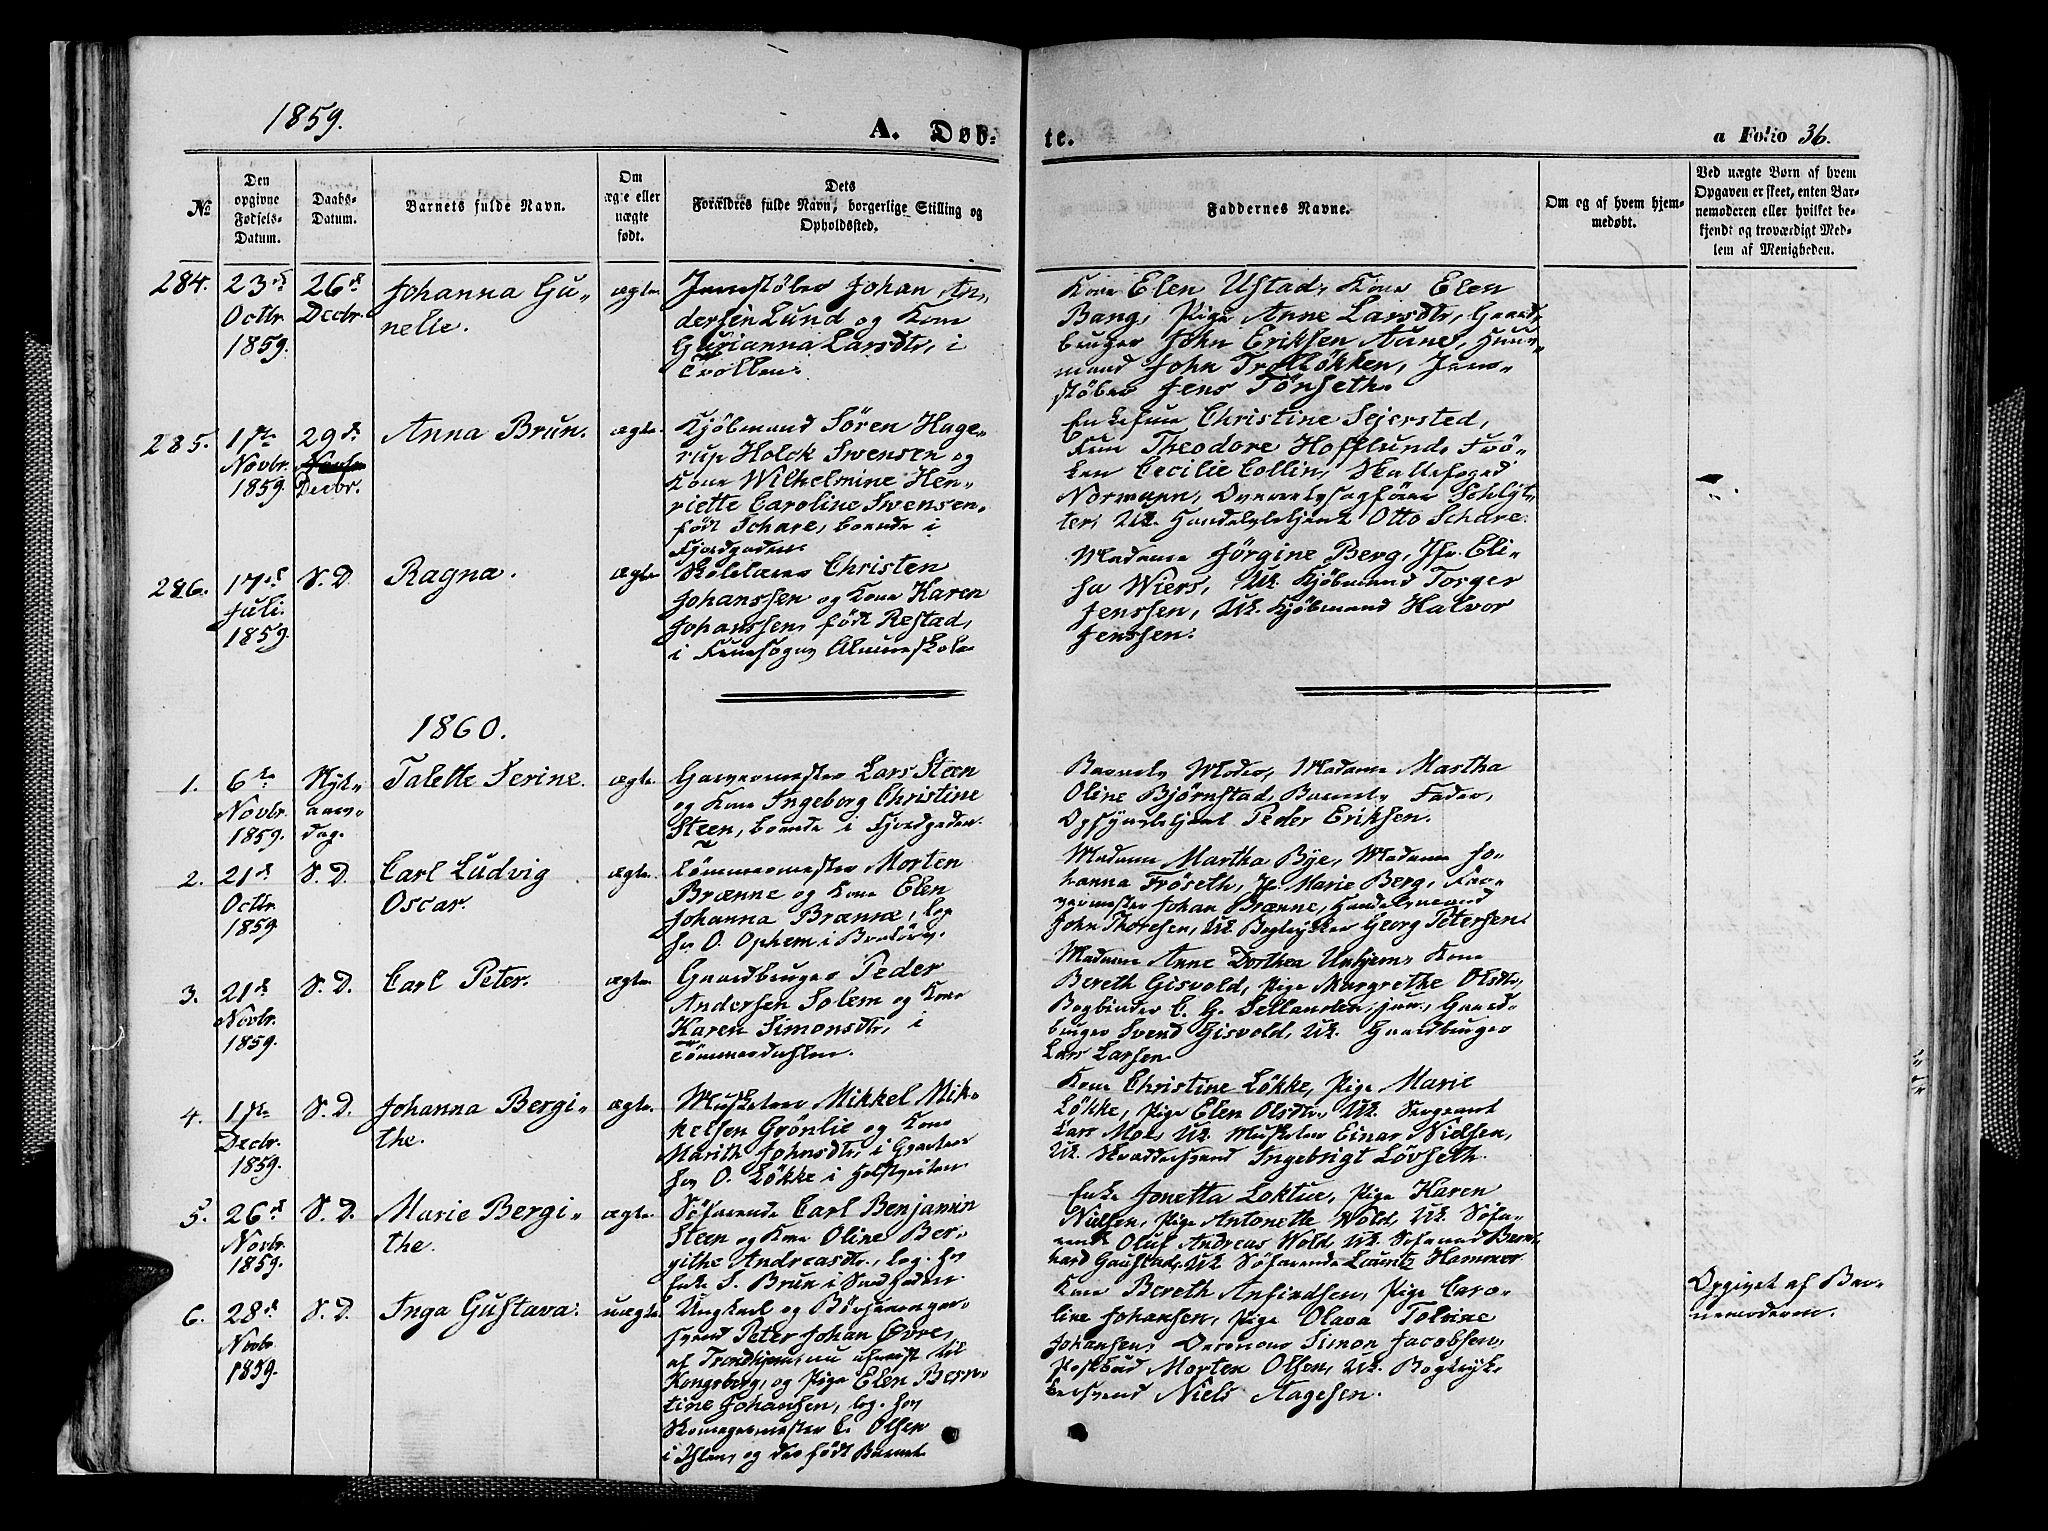 SAT, Ministerialprotokoller, klokkerbøker og fødselsregistre - Sør-Trøndelag, 602/L0139: Klokkerbok nr. 602C07, 1859-1864, s. 36